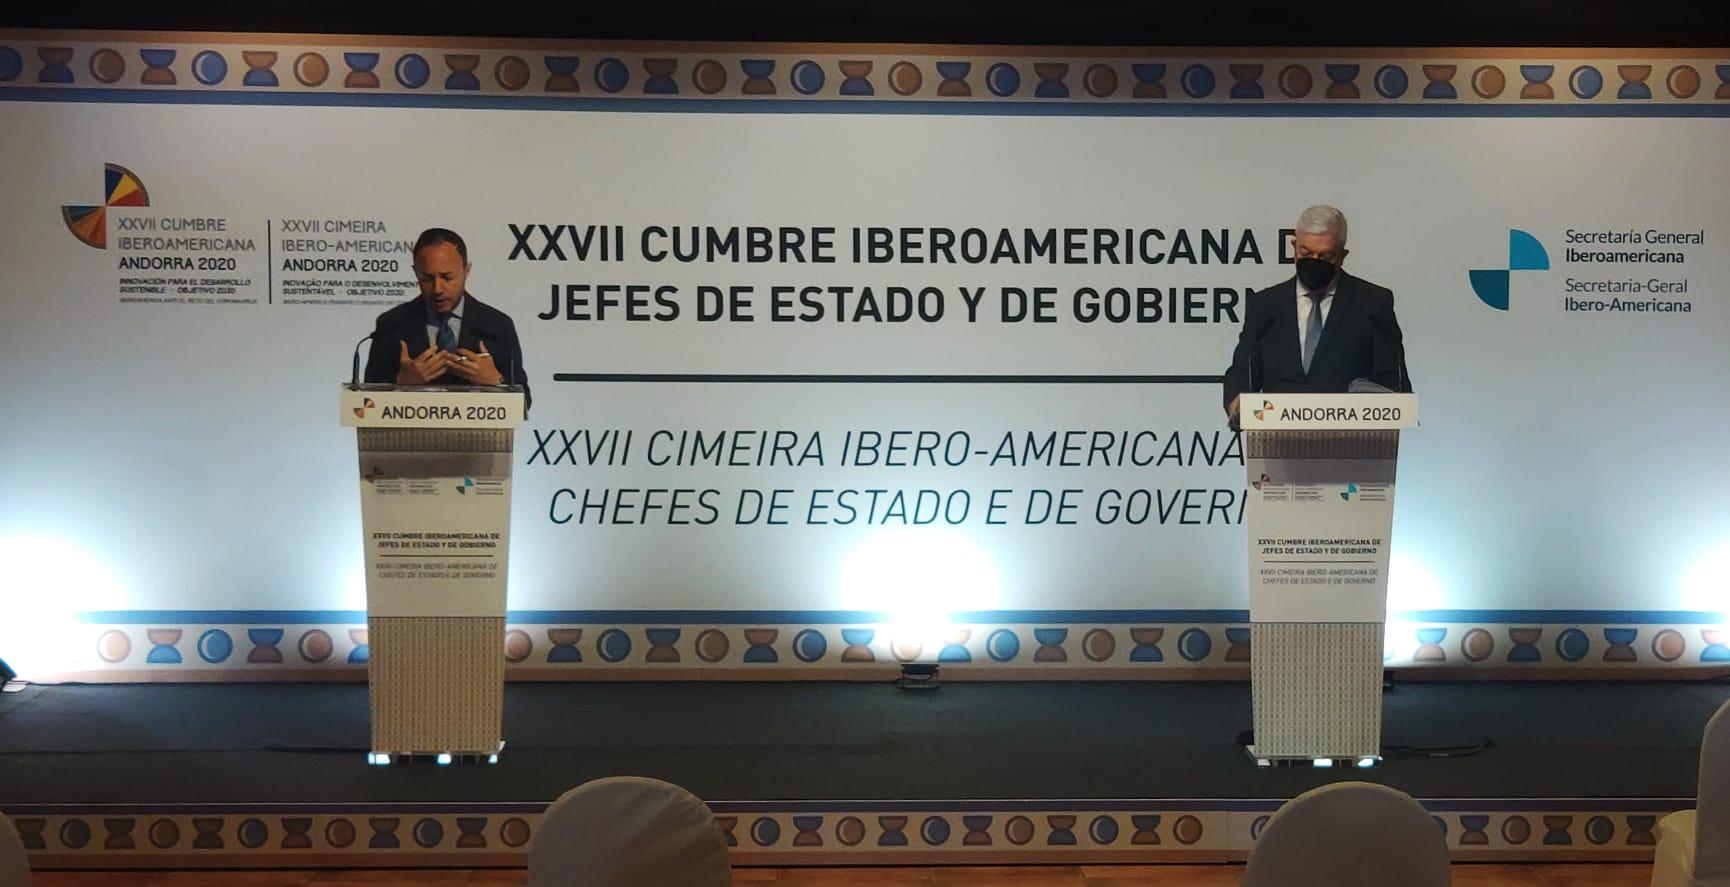 Espot afirma que la Cimera Iberoamericana és l'esdeveniment internacional més important que ha organitzat mai Andorra